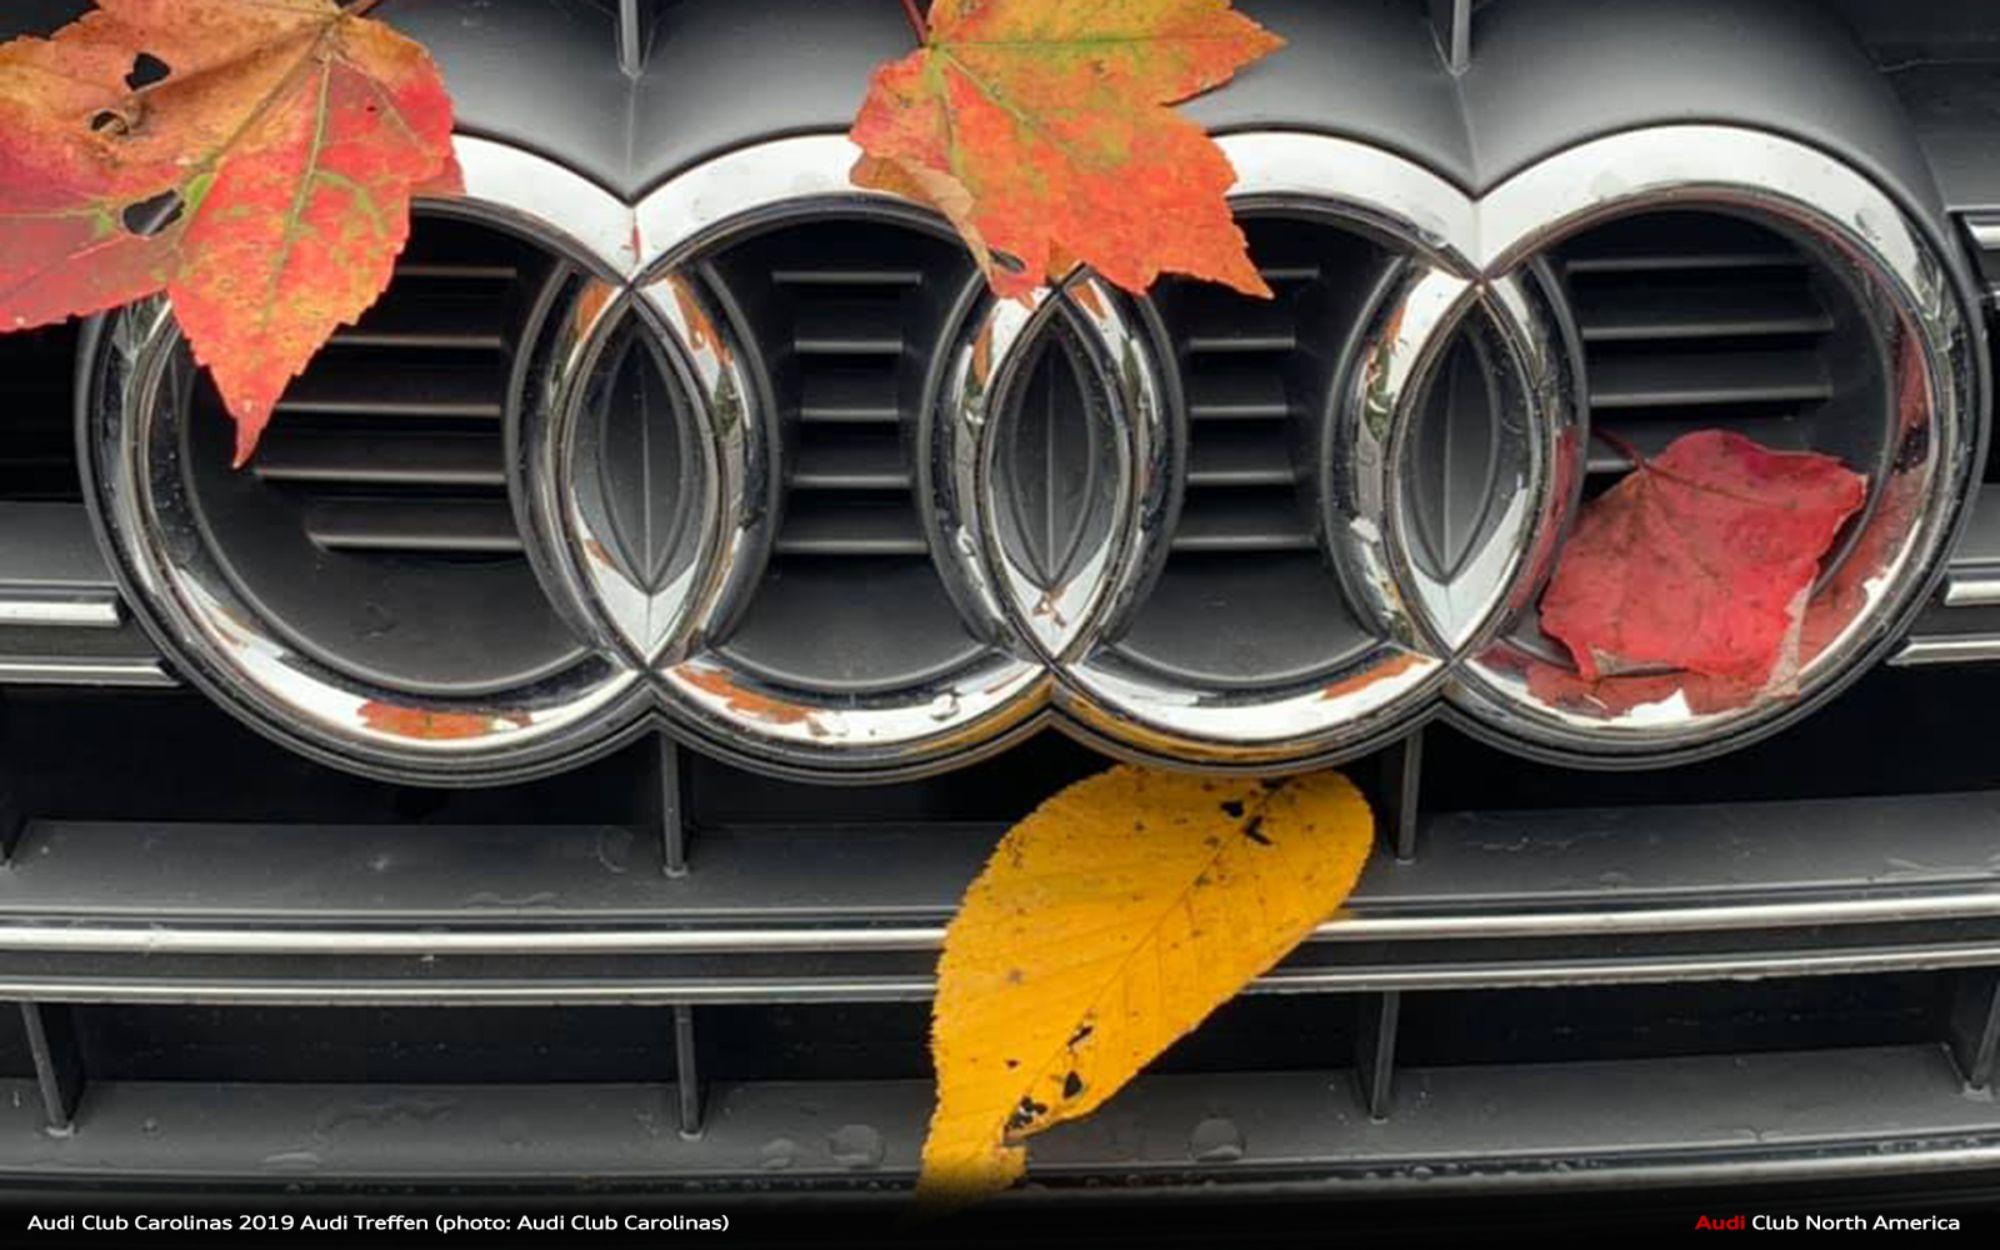 quattro Magazine q1_2020: Event Report- Audi Club Carolinas 2019 Audi Treffen